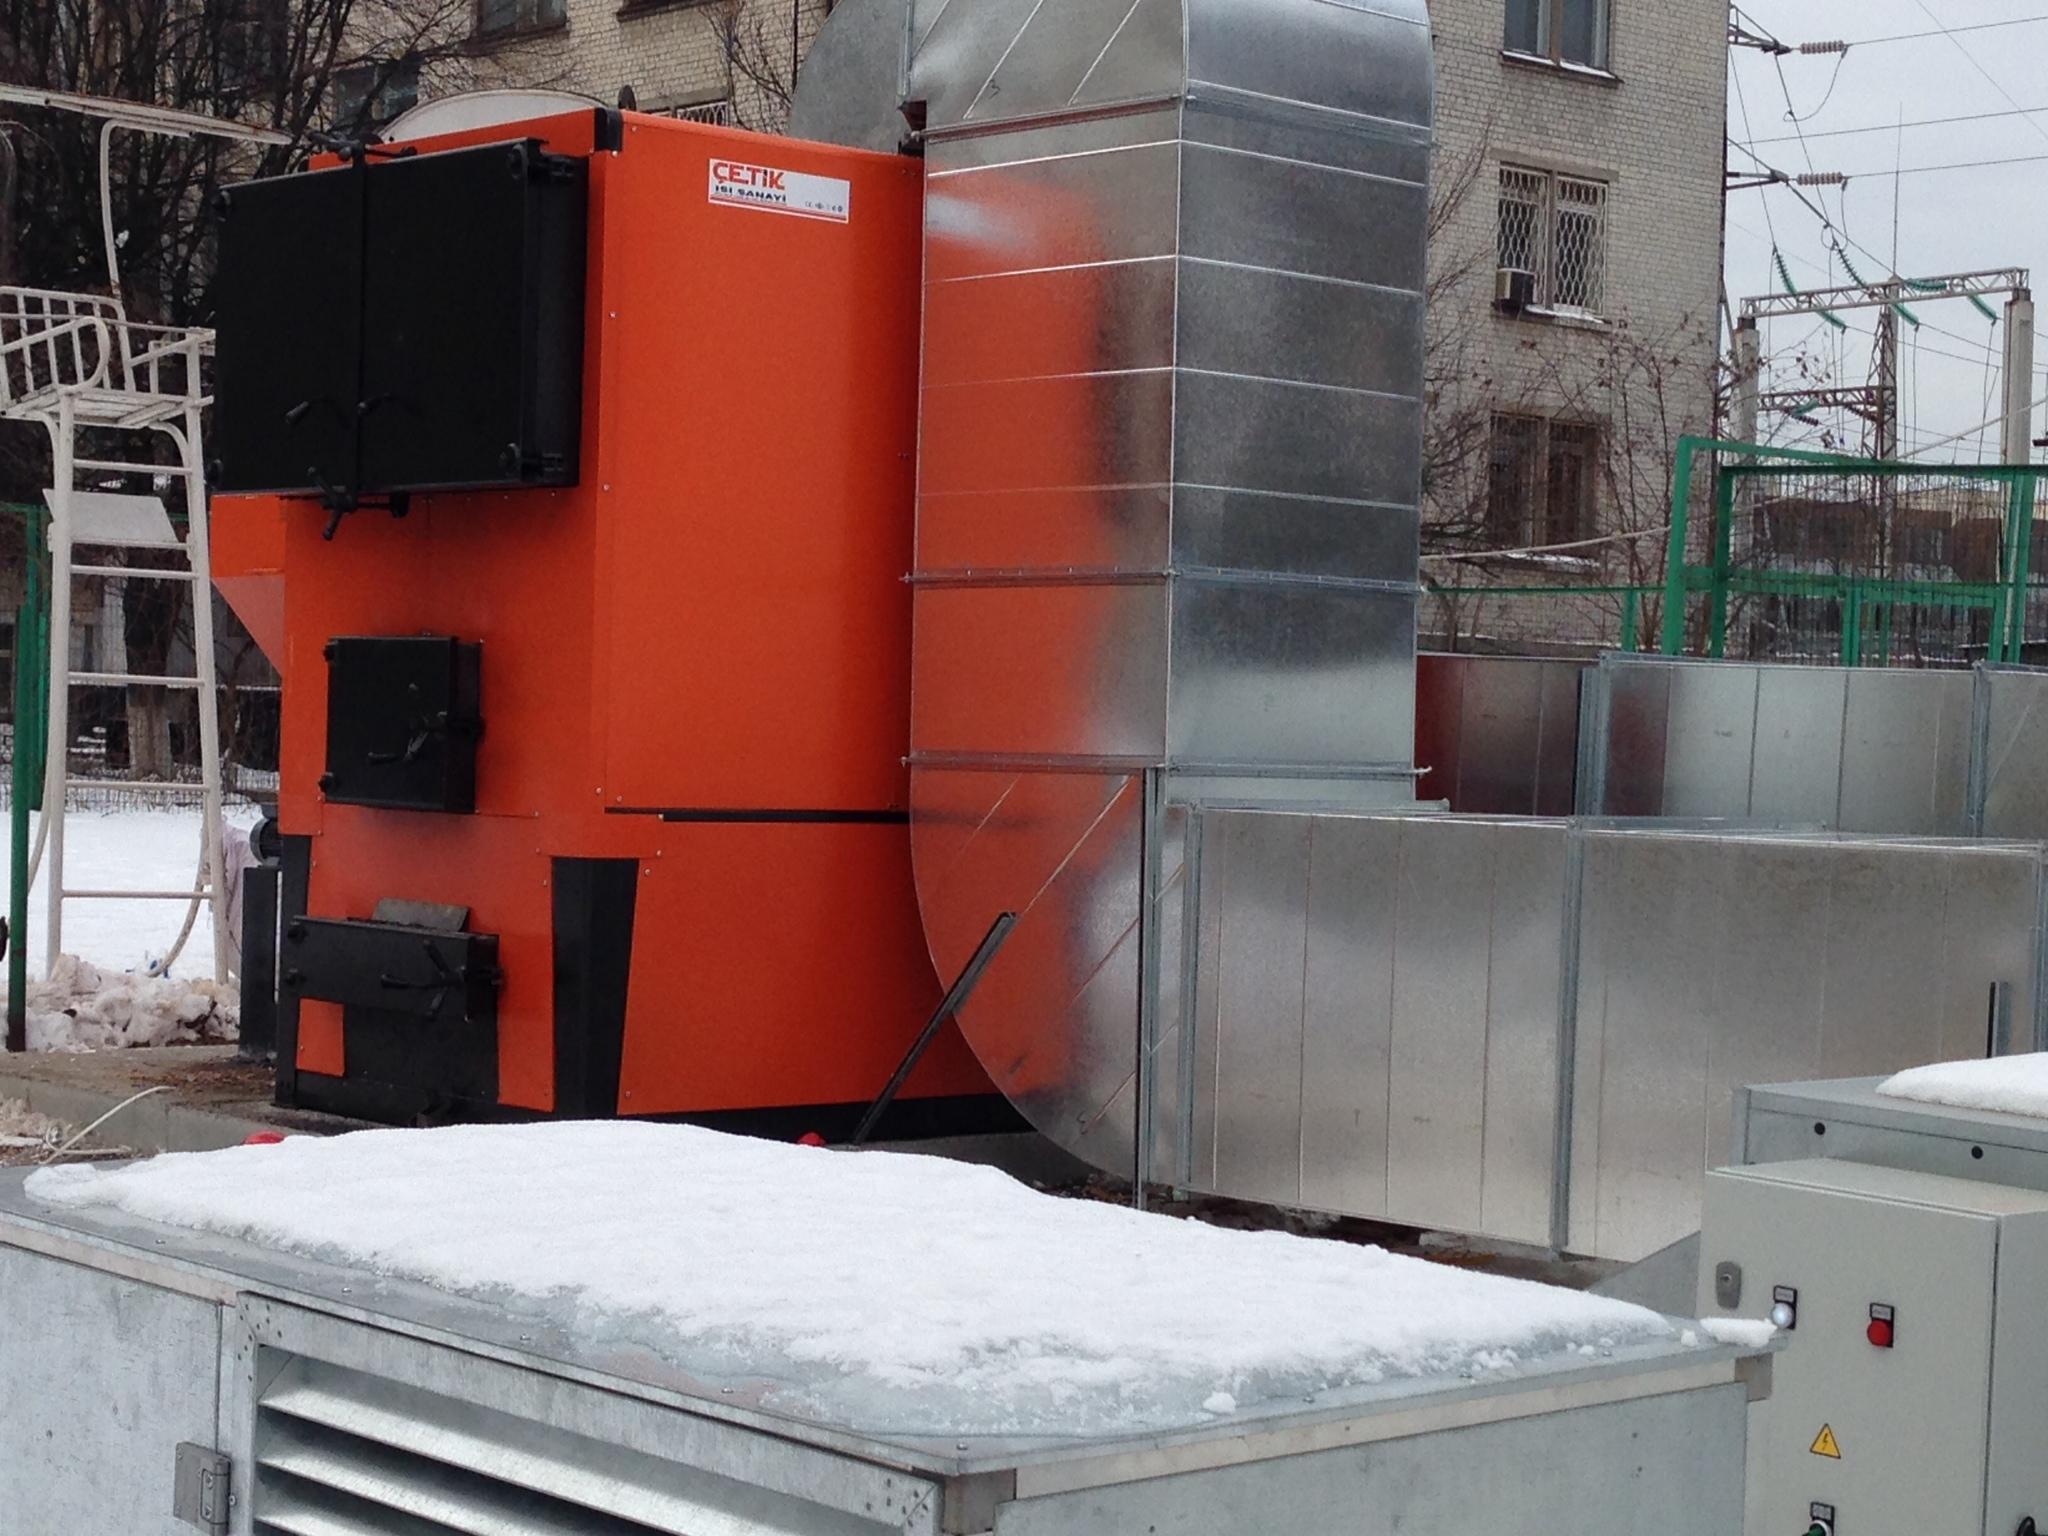 Теплогенератор на пеллетах 407 кВт - Референции | ЭкоЭнергоПроект